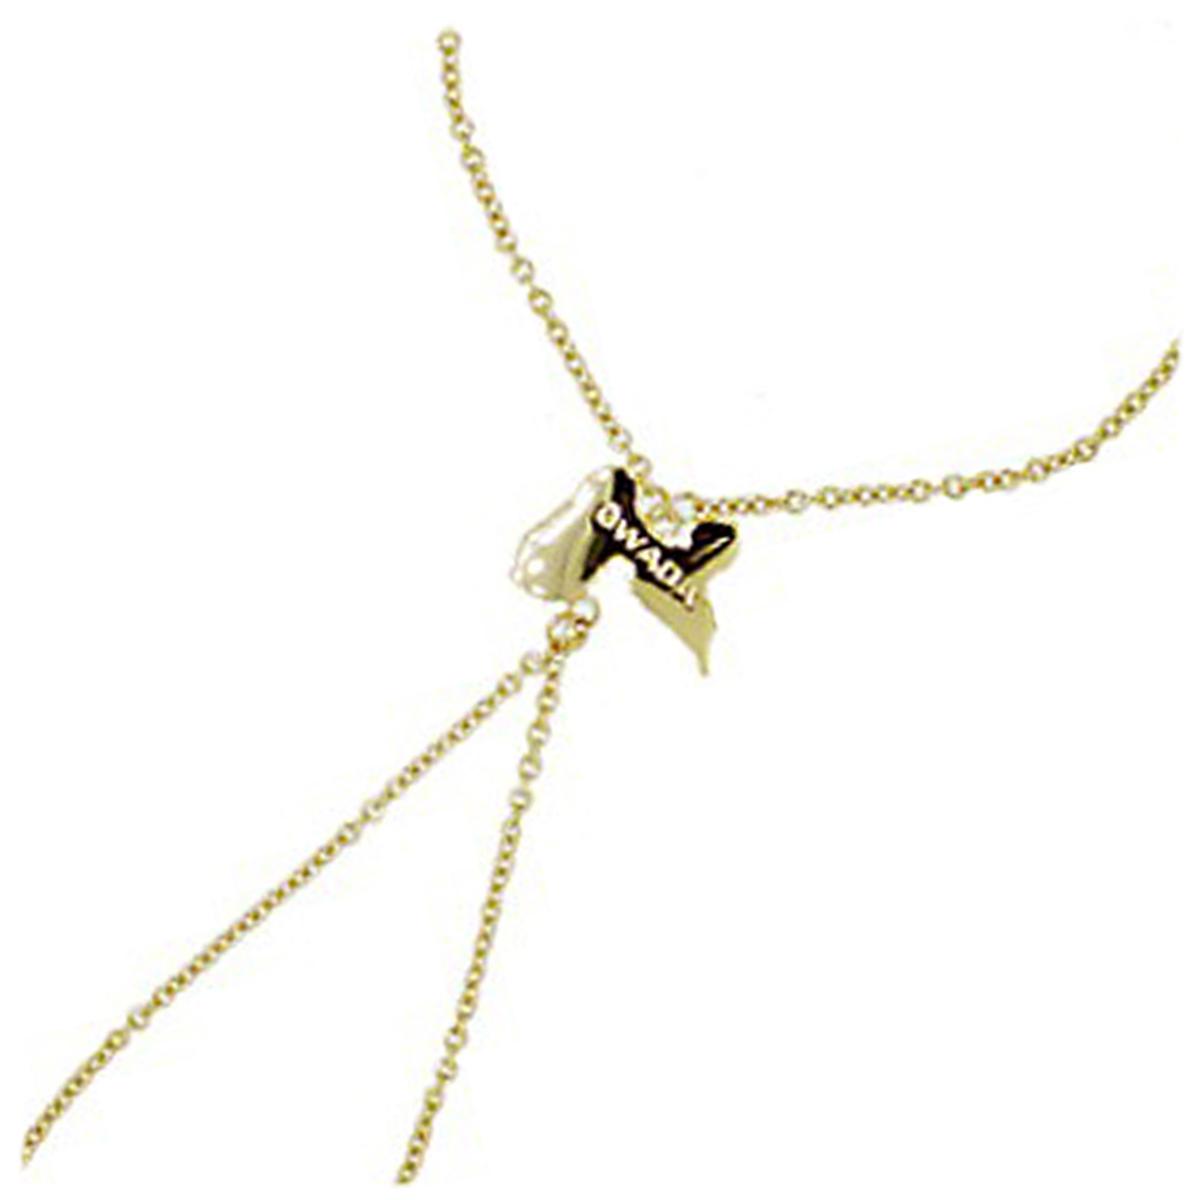 Bracelet Bague Plaqué Or \'Gwada\' doré - 13x16 mm - [G9384]